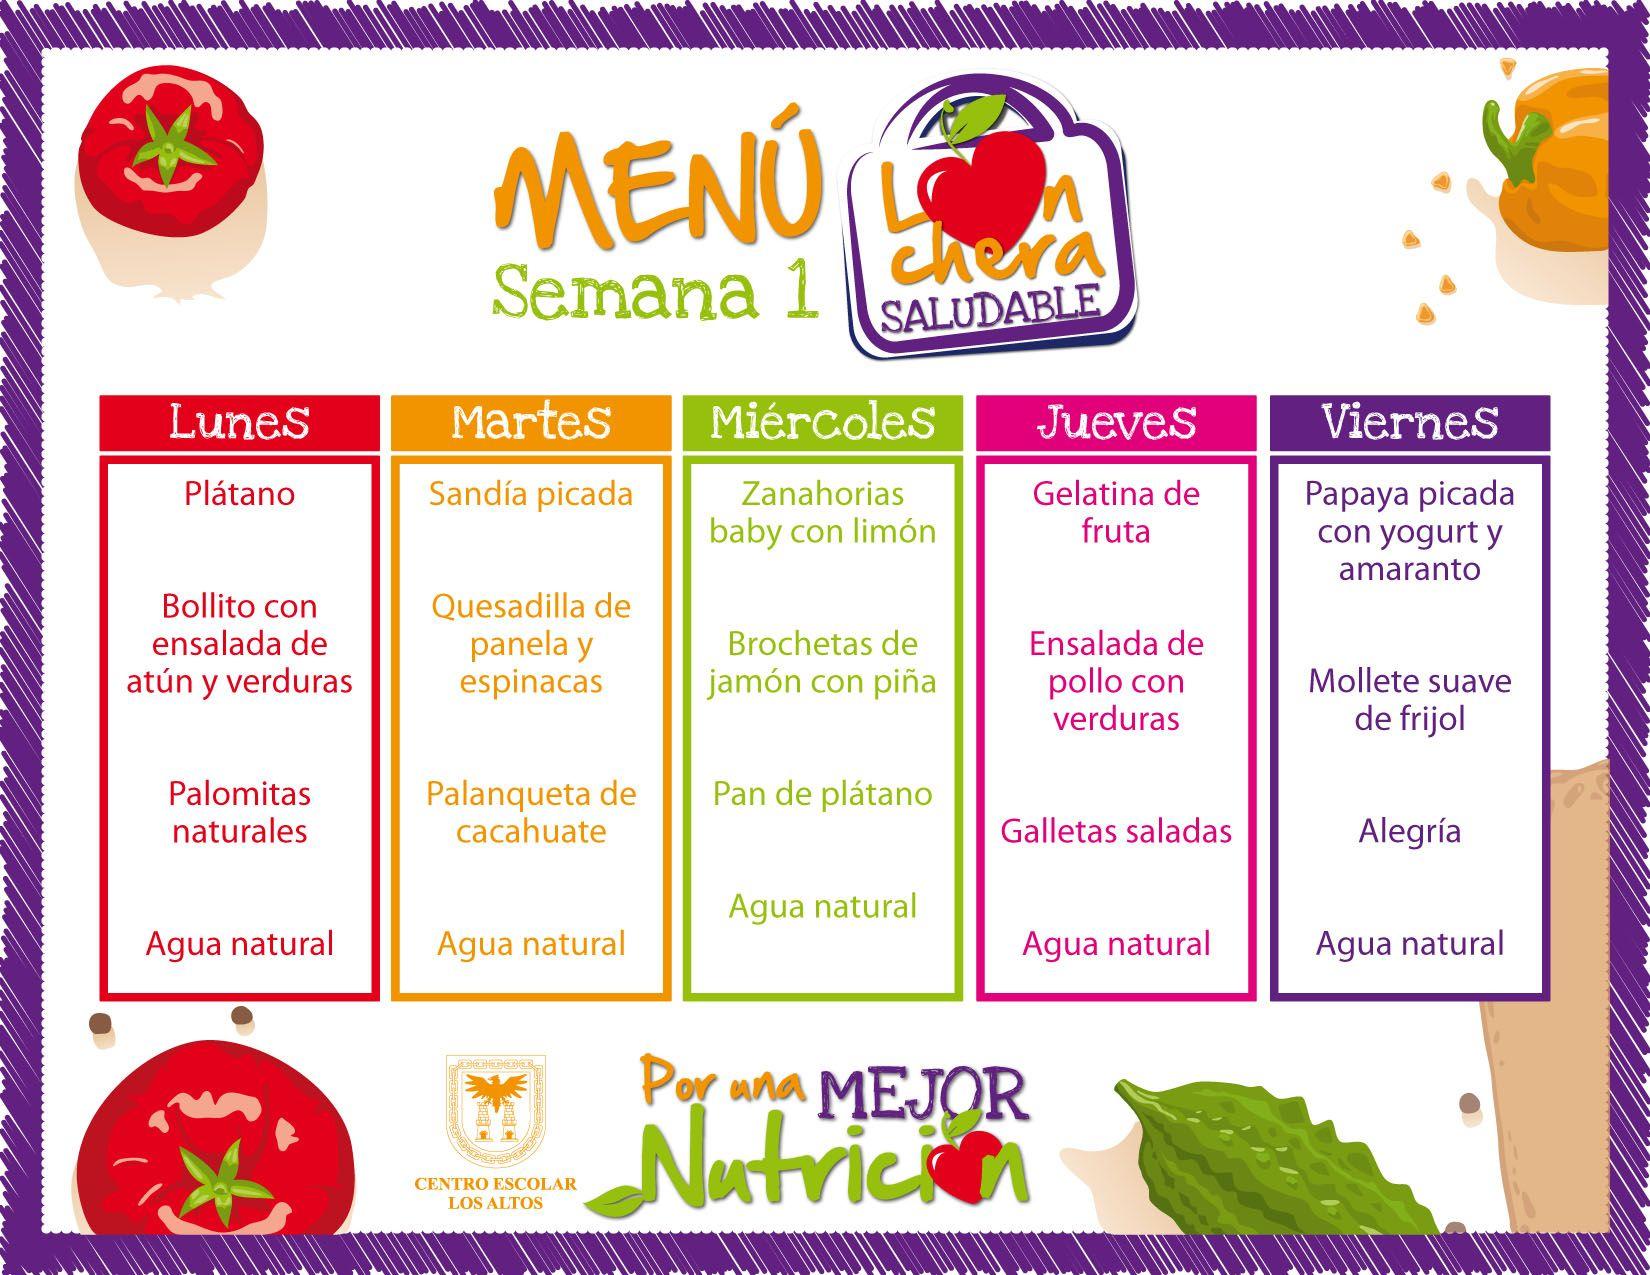 Men saludable proyecto alimentaci n saludable for Menus saludables y economicos